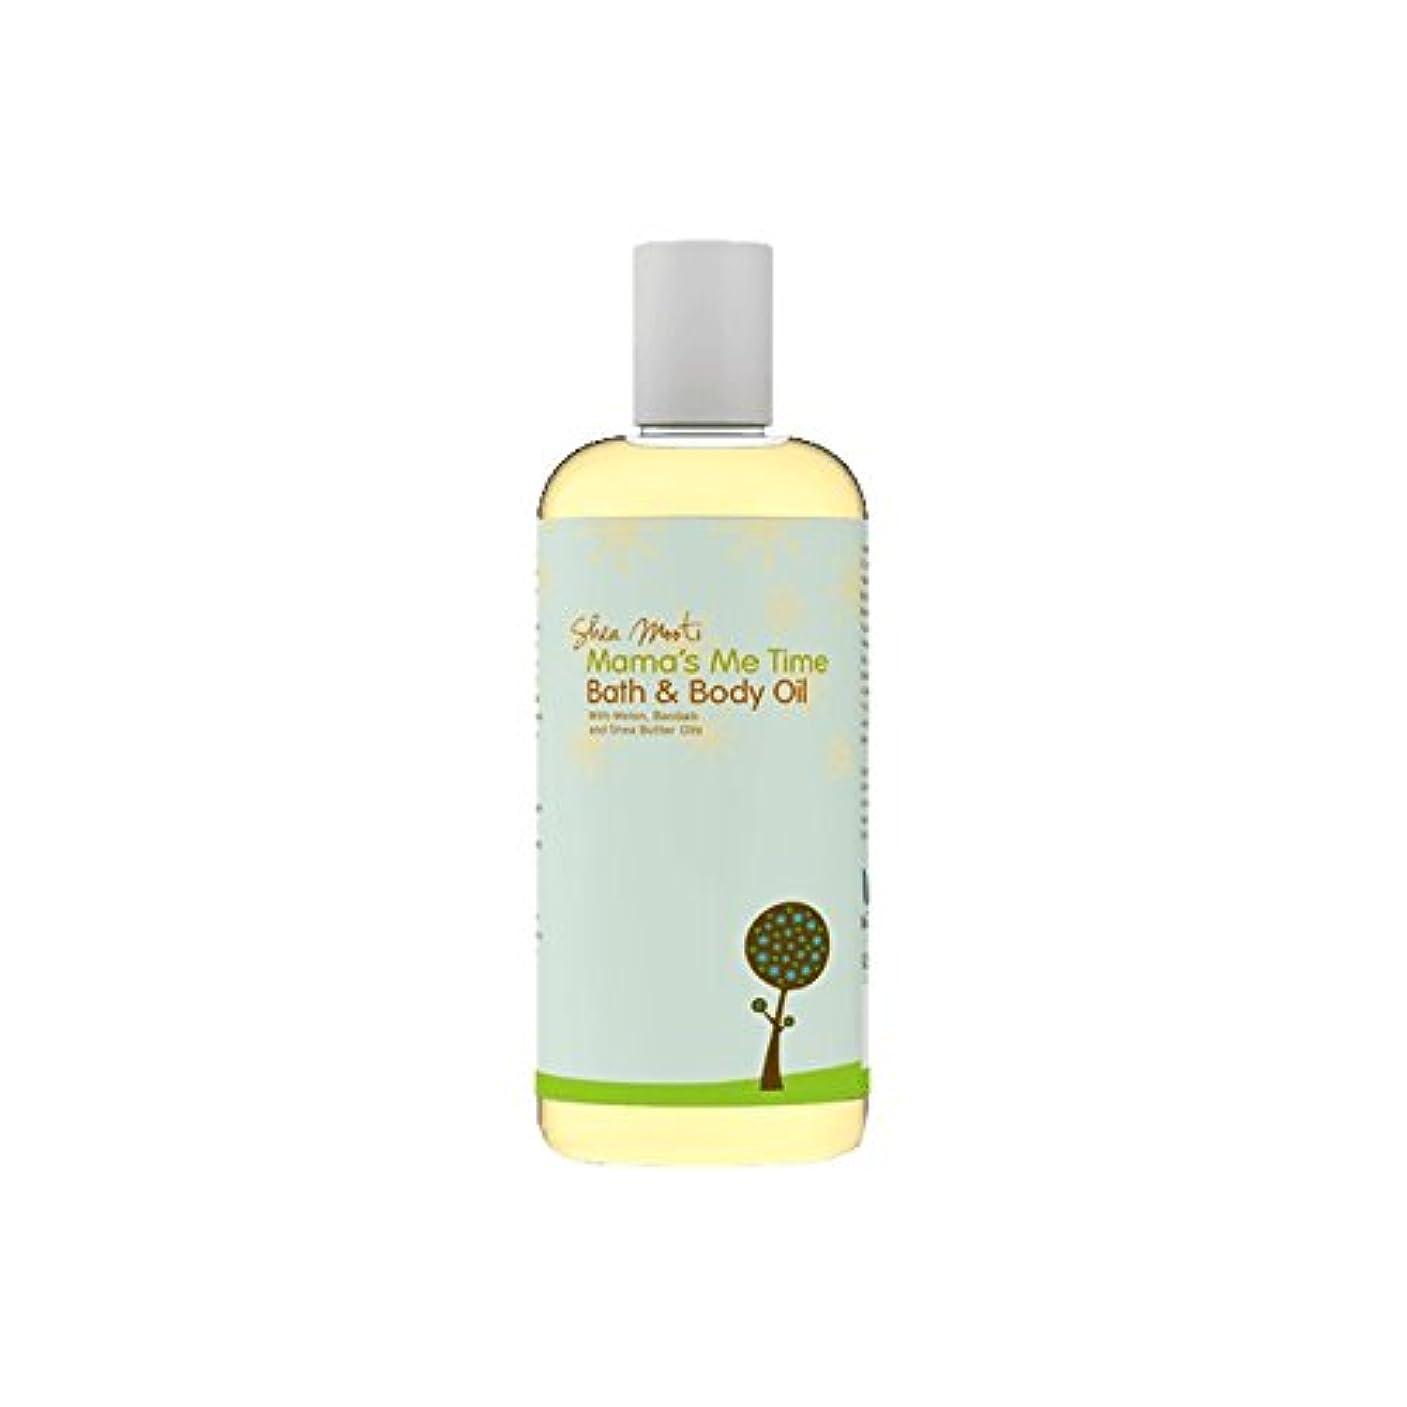 不実子孫モッキンバードShea Mooti Mama's Me Time Bath and Body Oil 110g (Pack of 6) - シアバターMootiママの私の時間のバス、ボディオイル110グラム (x6) [並行輸入品]